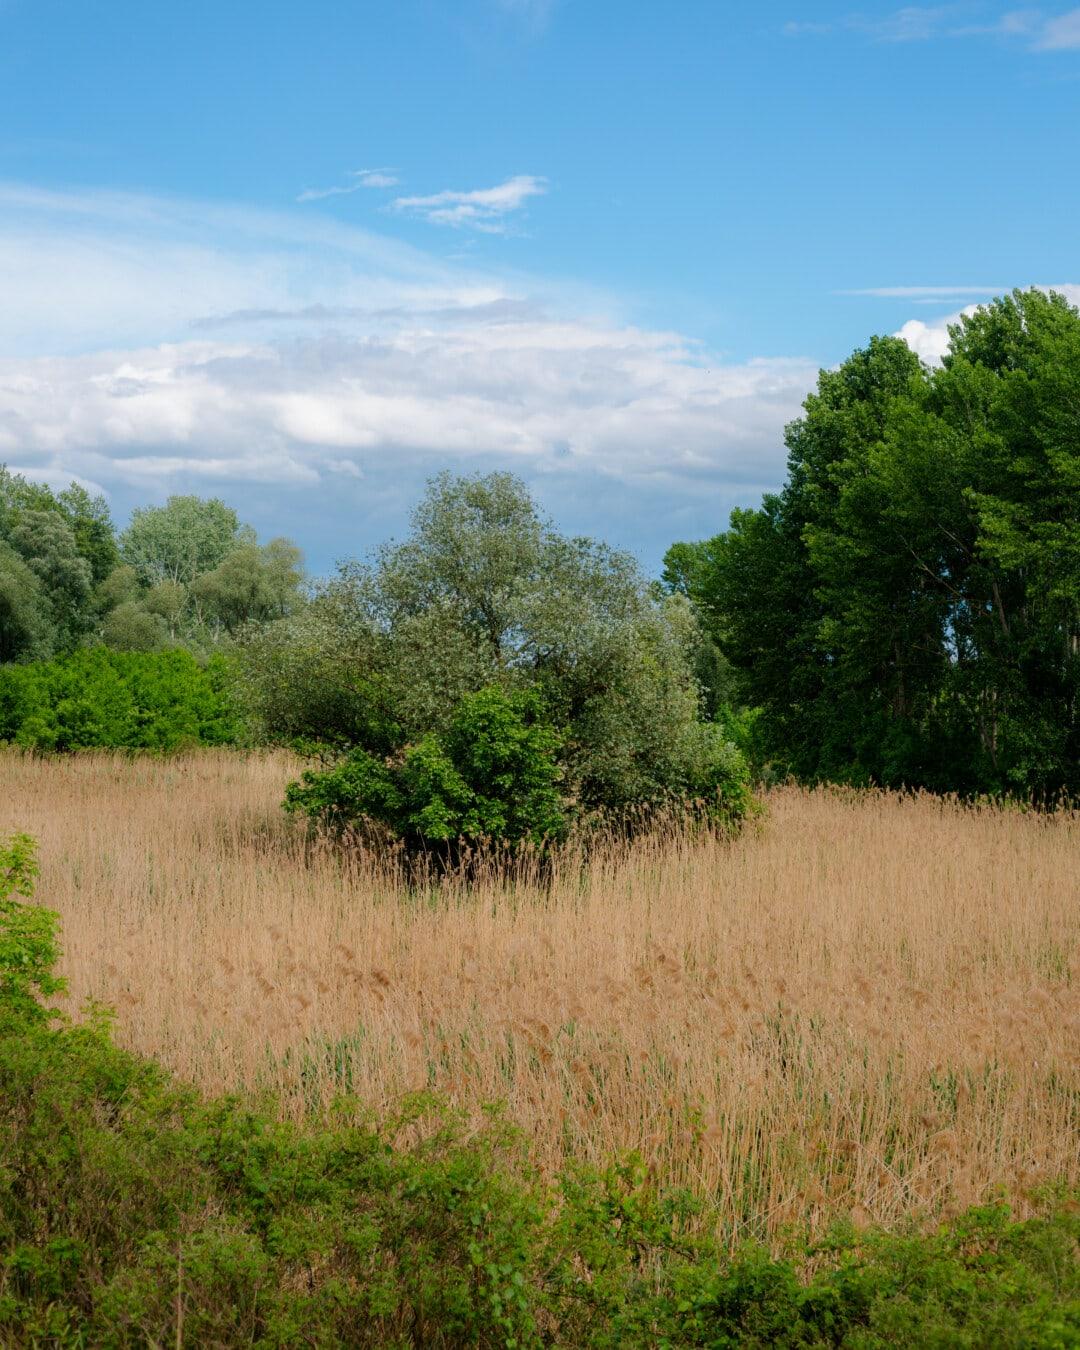 osuuden, metsä, luonto, maisema, ruoho, puu, kesällä, maan, maaseudun, kenttä